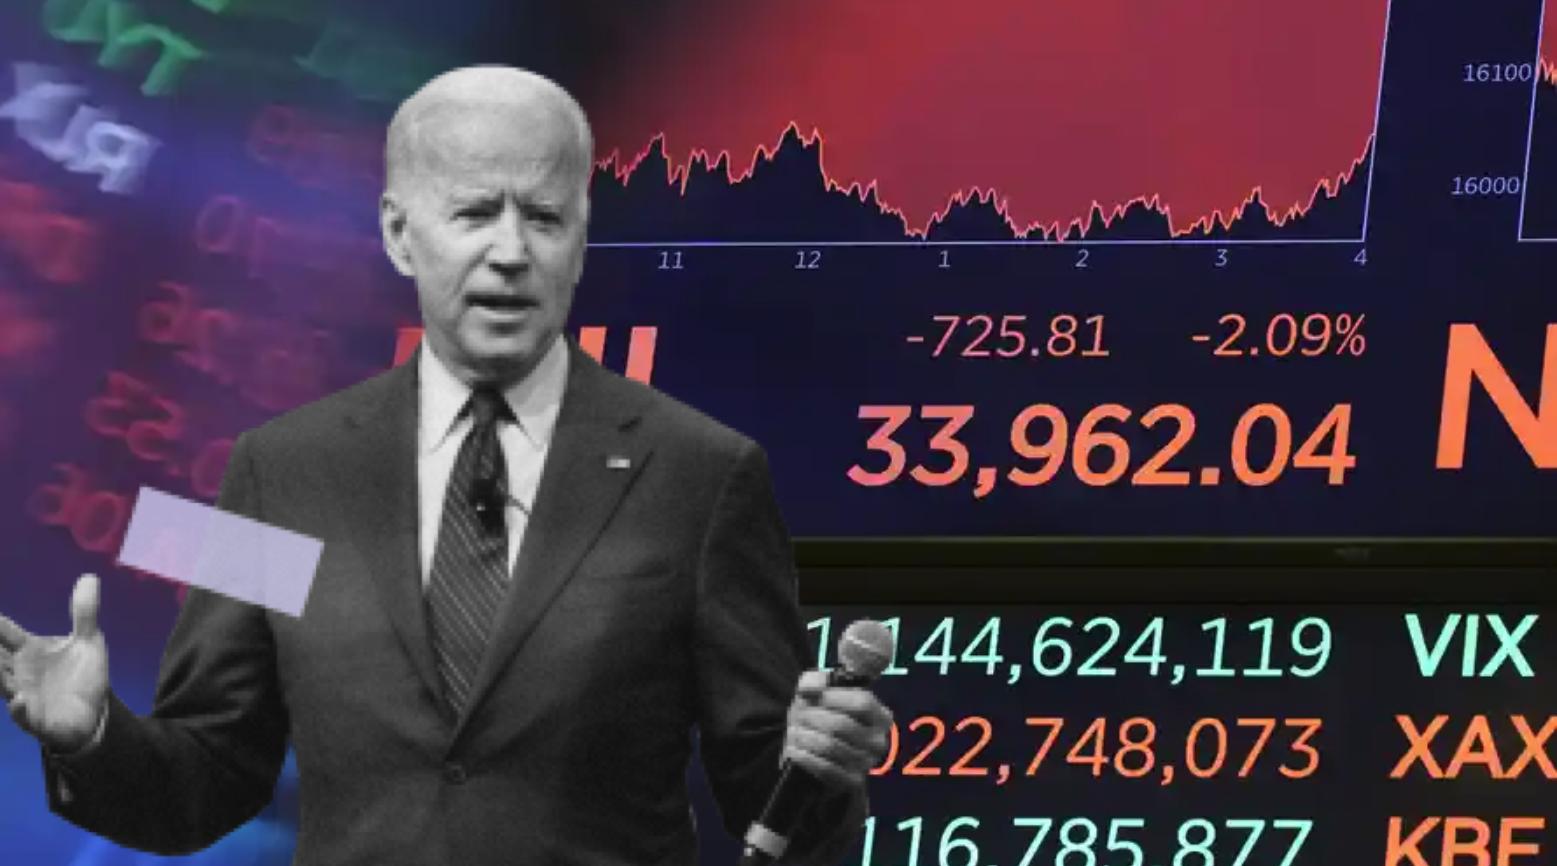 el dow jones pierde 800 puntos, encaminandose al peor dia desde octubre de 2020, a medida que se intensifica la caida del mercado